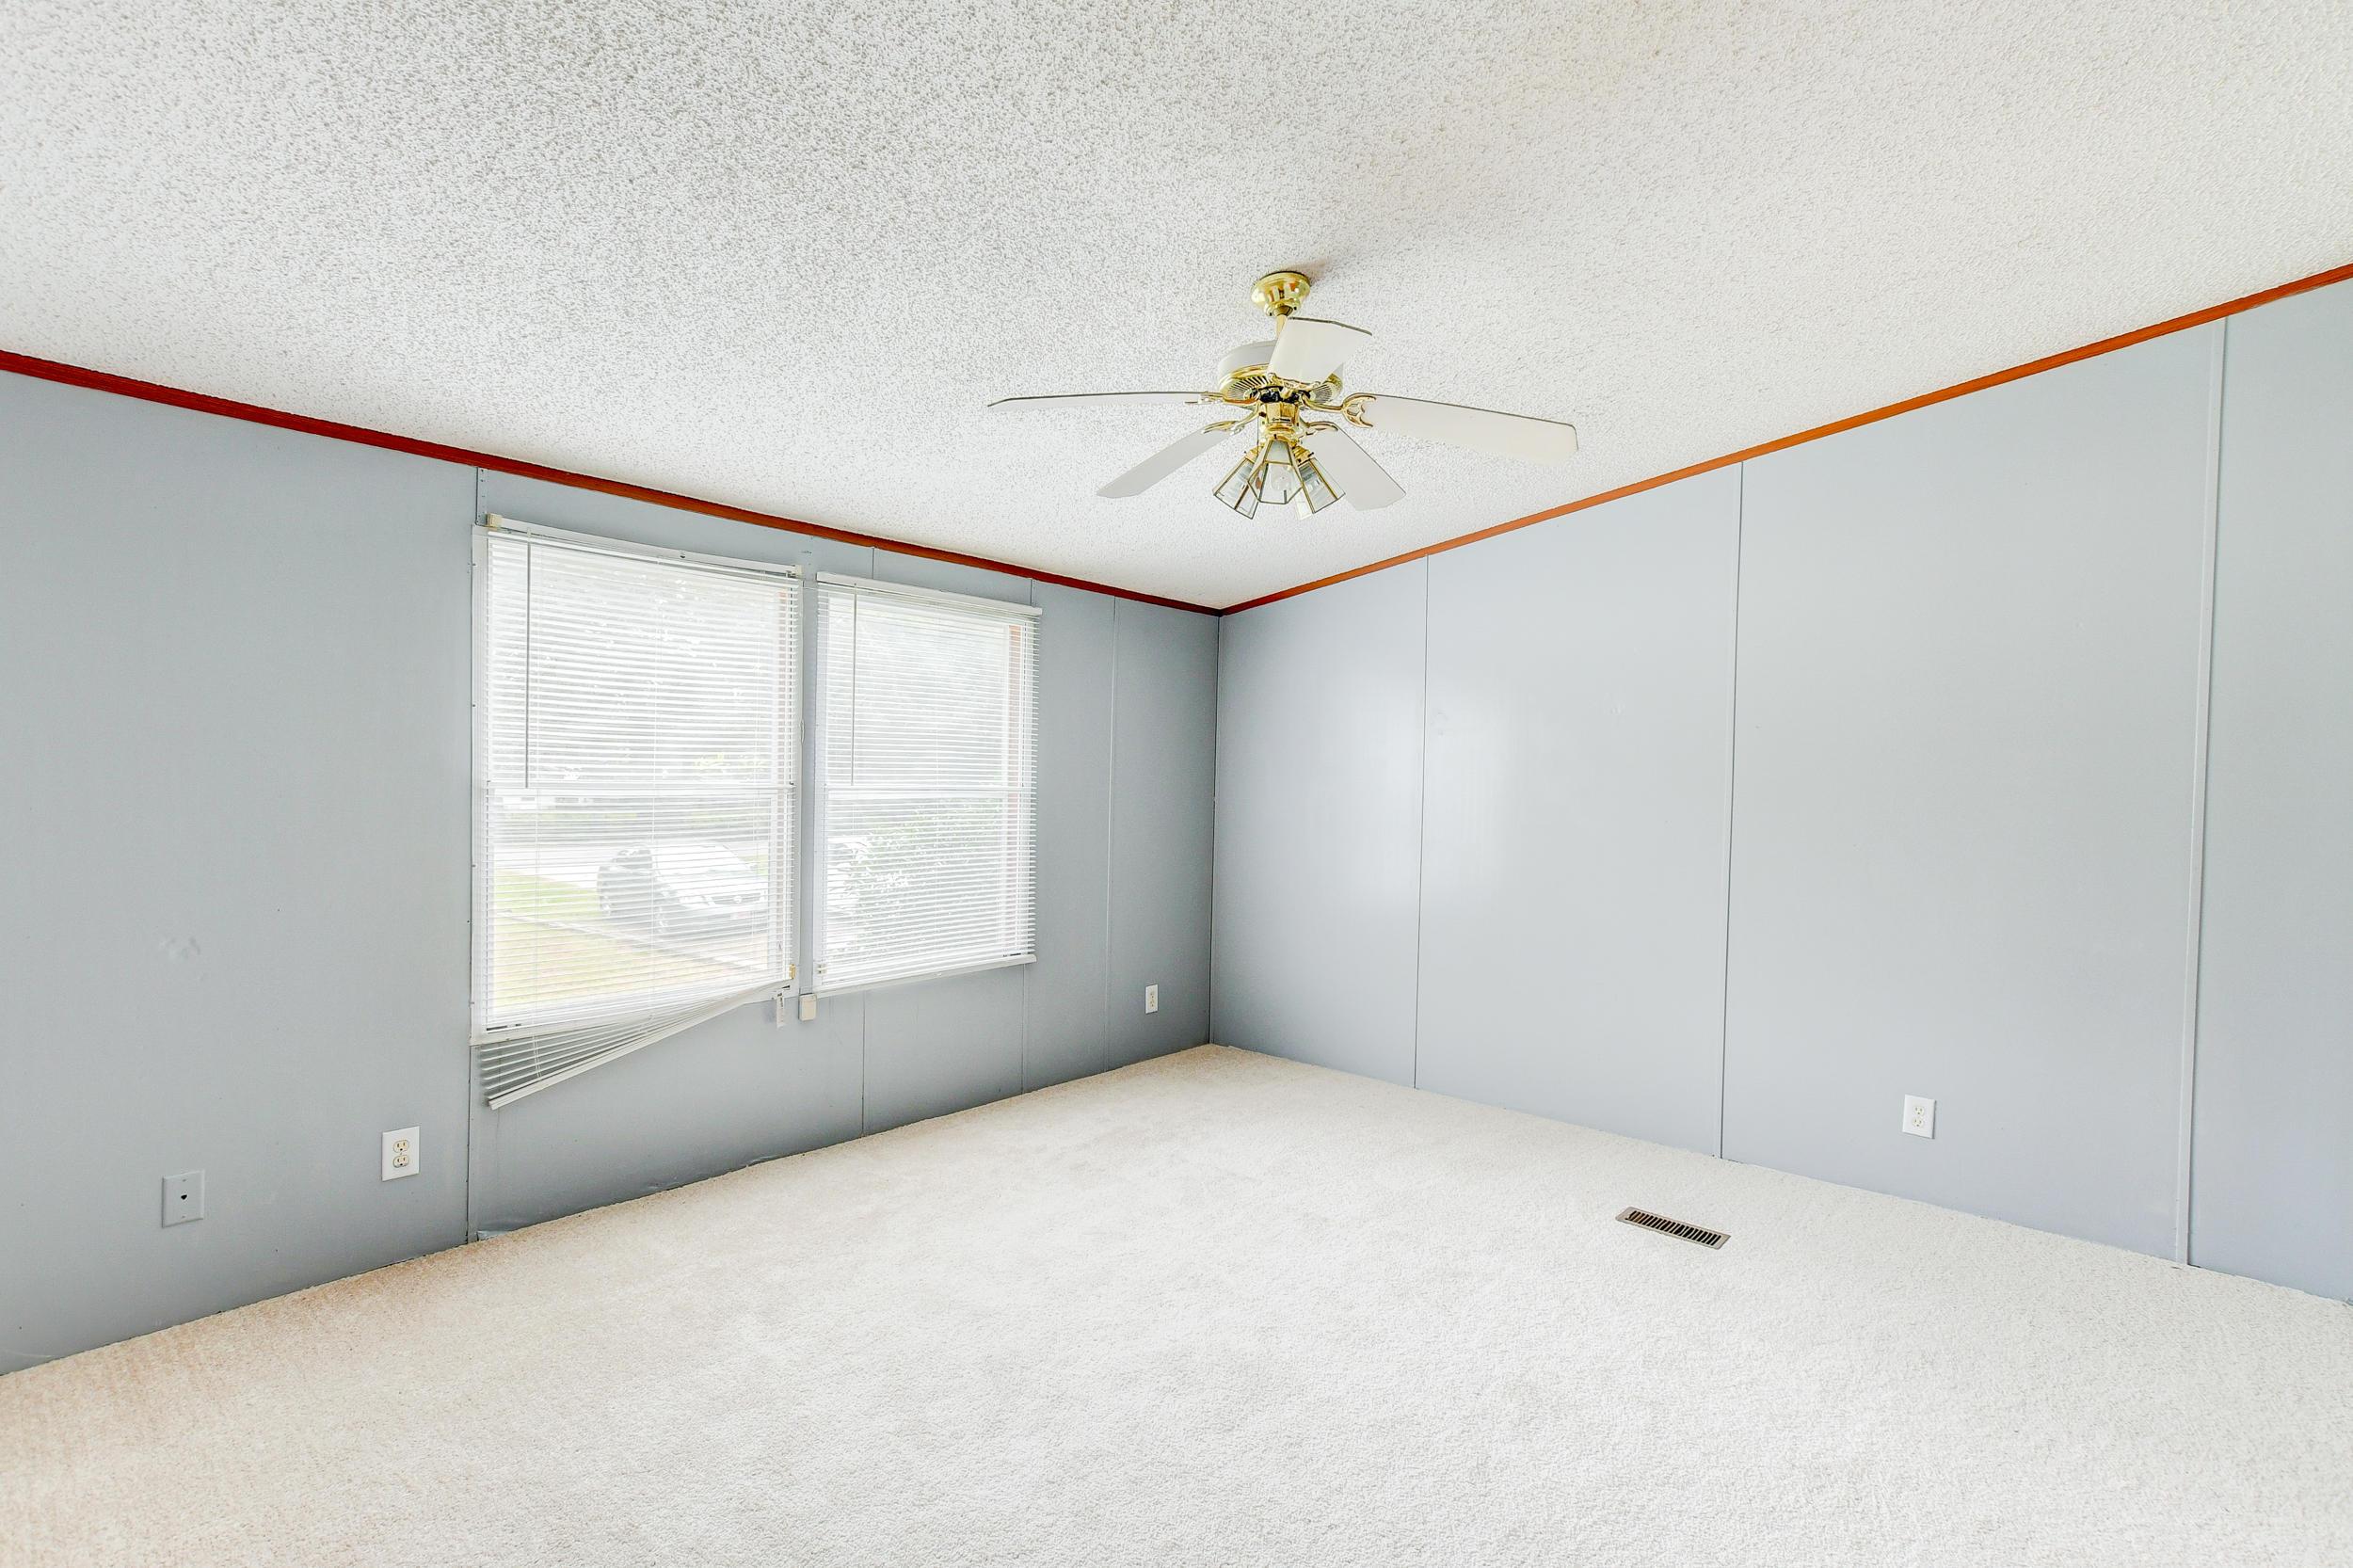 Clemson Terrace Homes For Sale - 123 Colkitt, Summerville, SC - 24